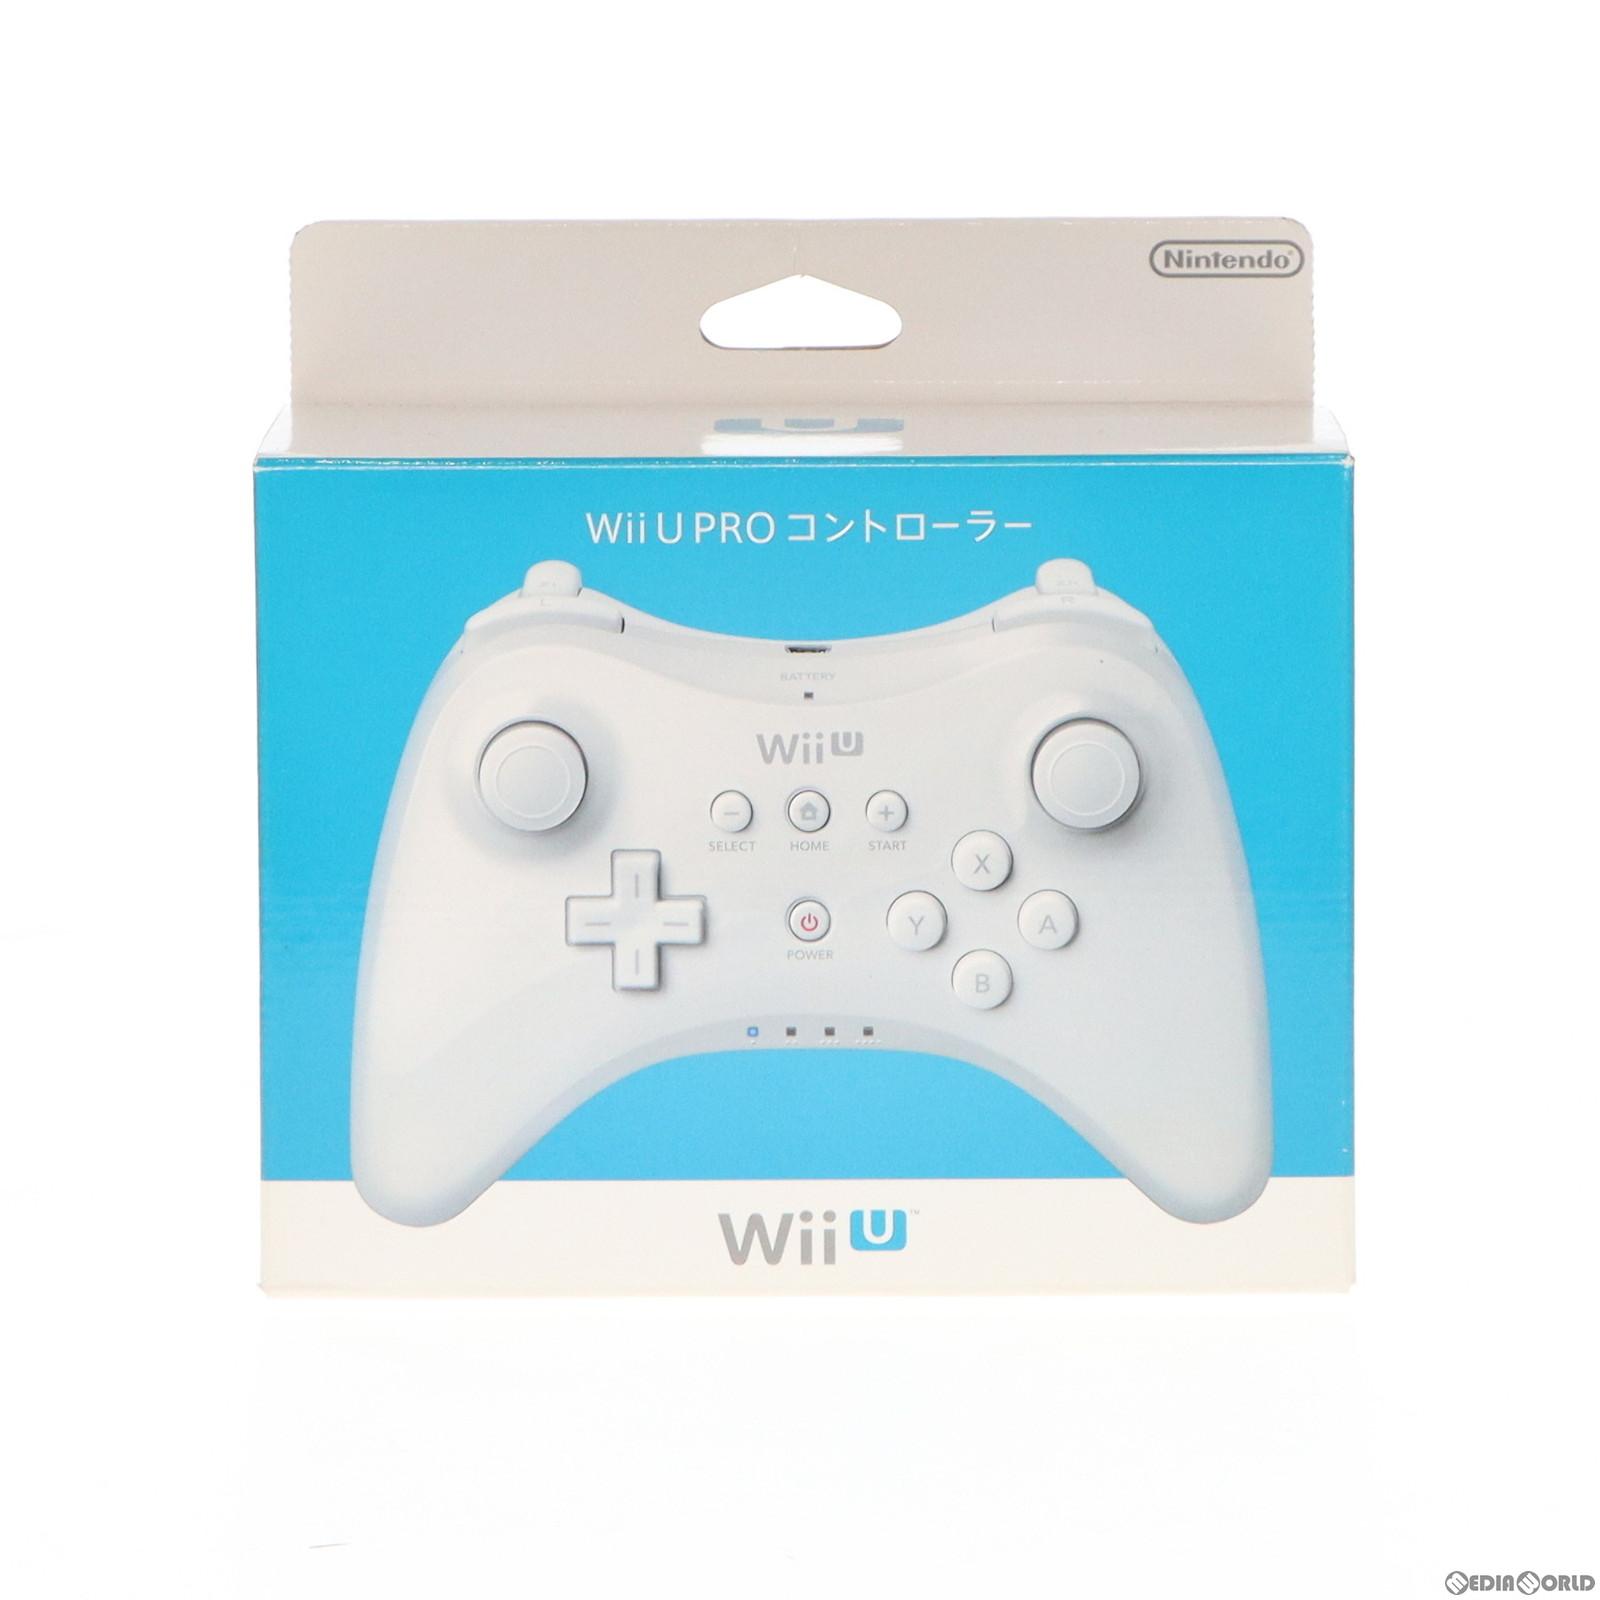 【最大ポイント10倍! 11月25日10時スタート!】【中古】[ACC][WiiU]Wii U PROコントローラー shiro(Wii U プロコントローラー シロ) 任天堂(WUP-A-RSWA)(20121208)